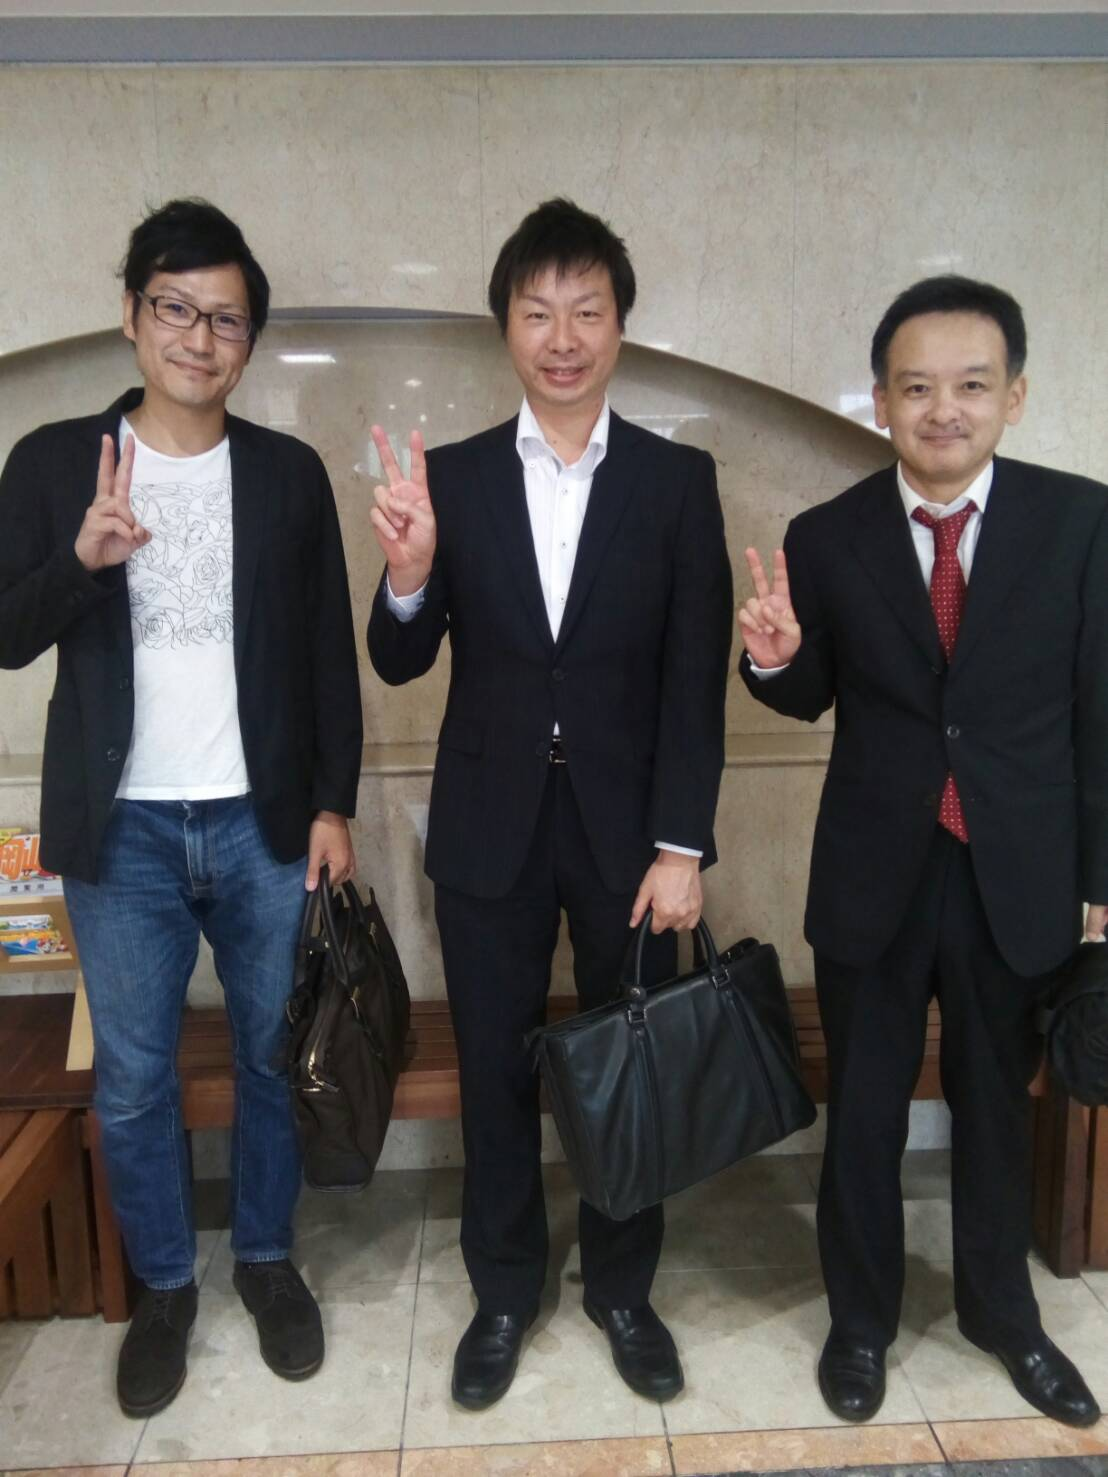 浜武先生と川島先生